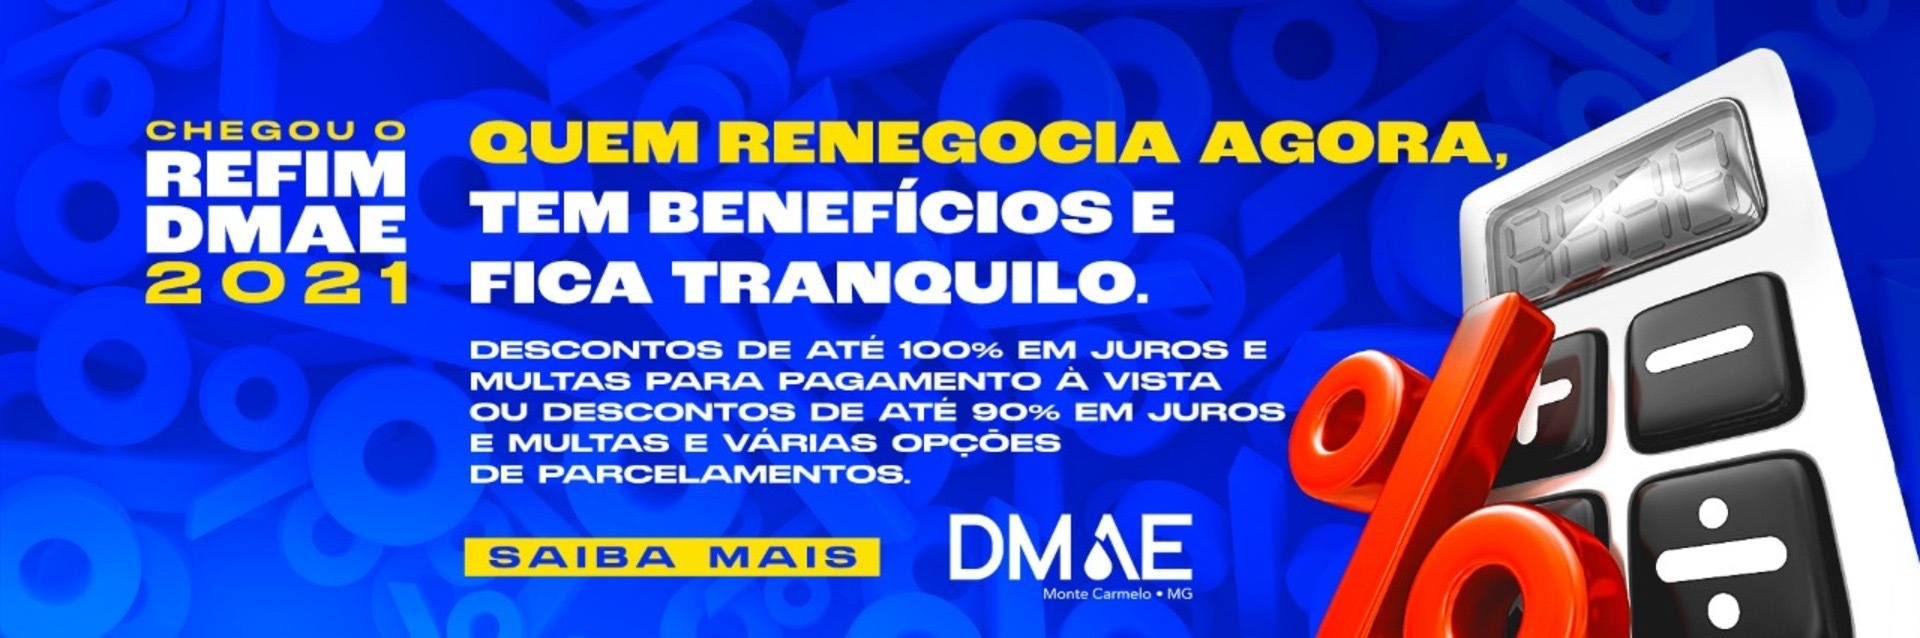 refim-dmae-2021